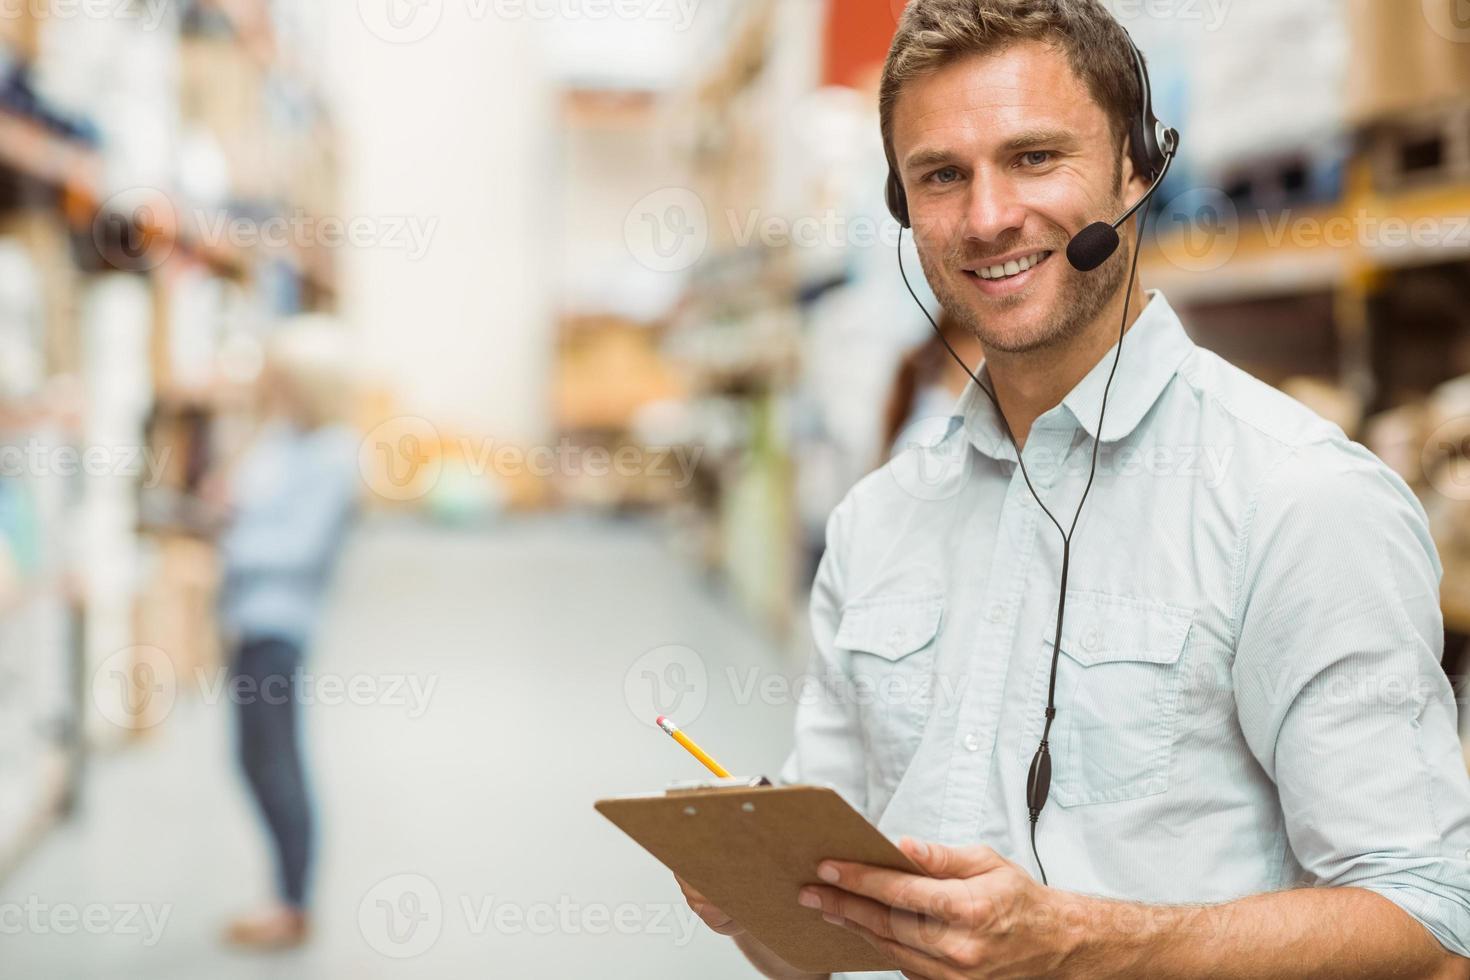 directeur d'entrepôt portant un casque d'écriture sur le presse-papiers photo